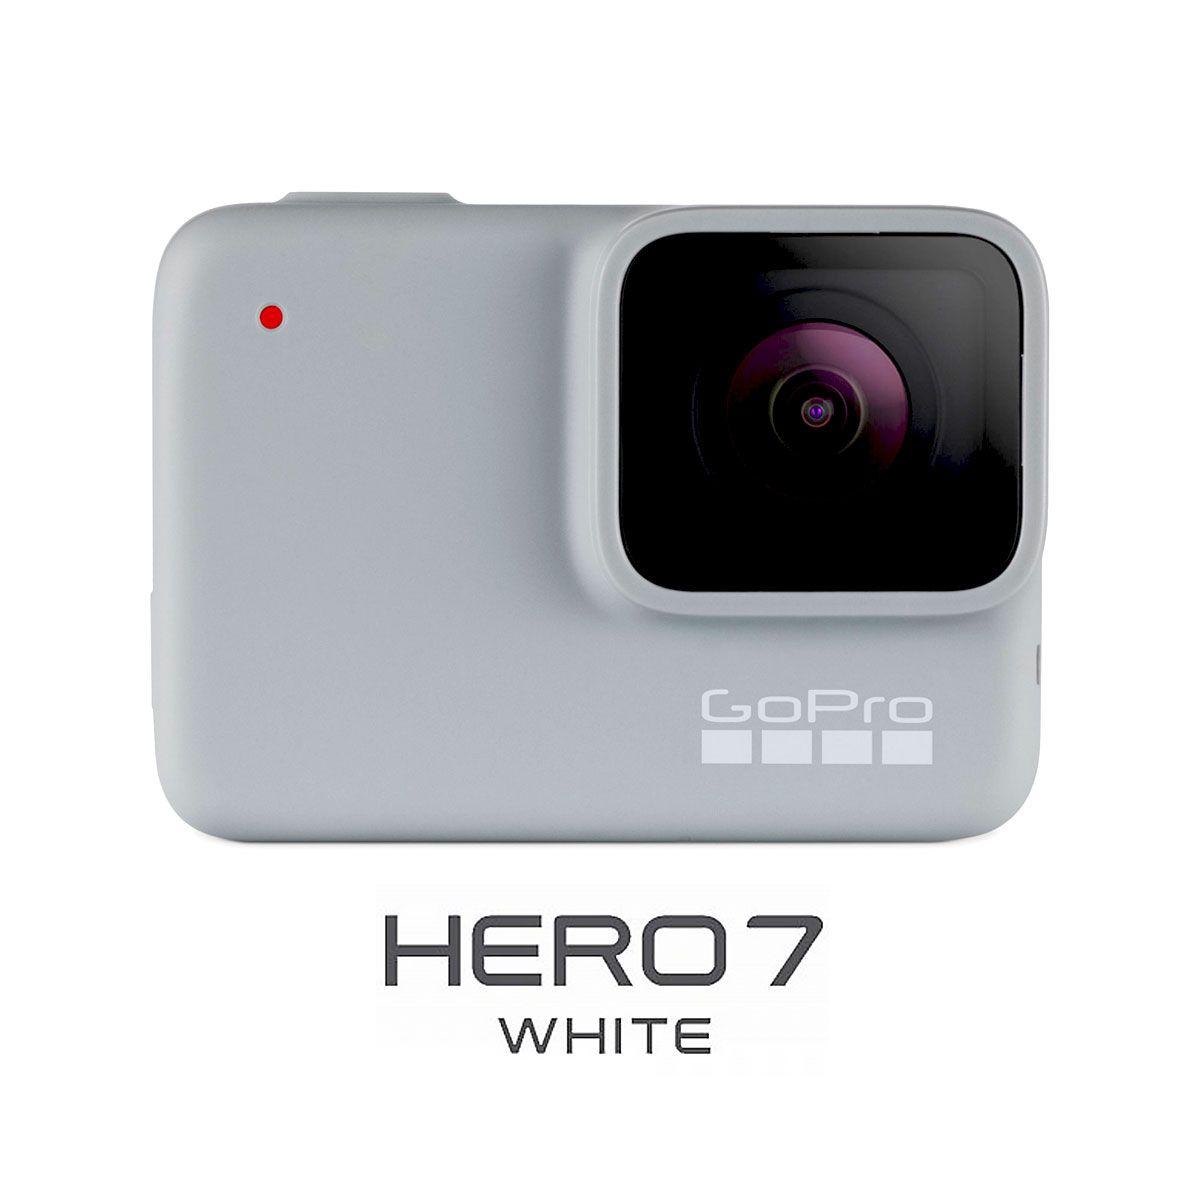 GoPro Hero 7 White Camara 1080p FHD